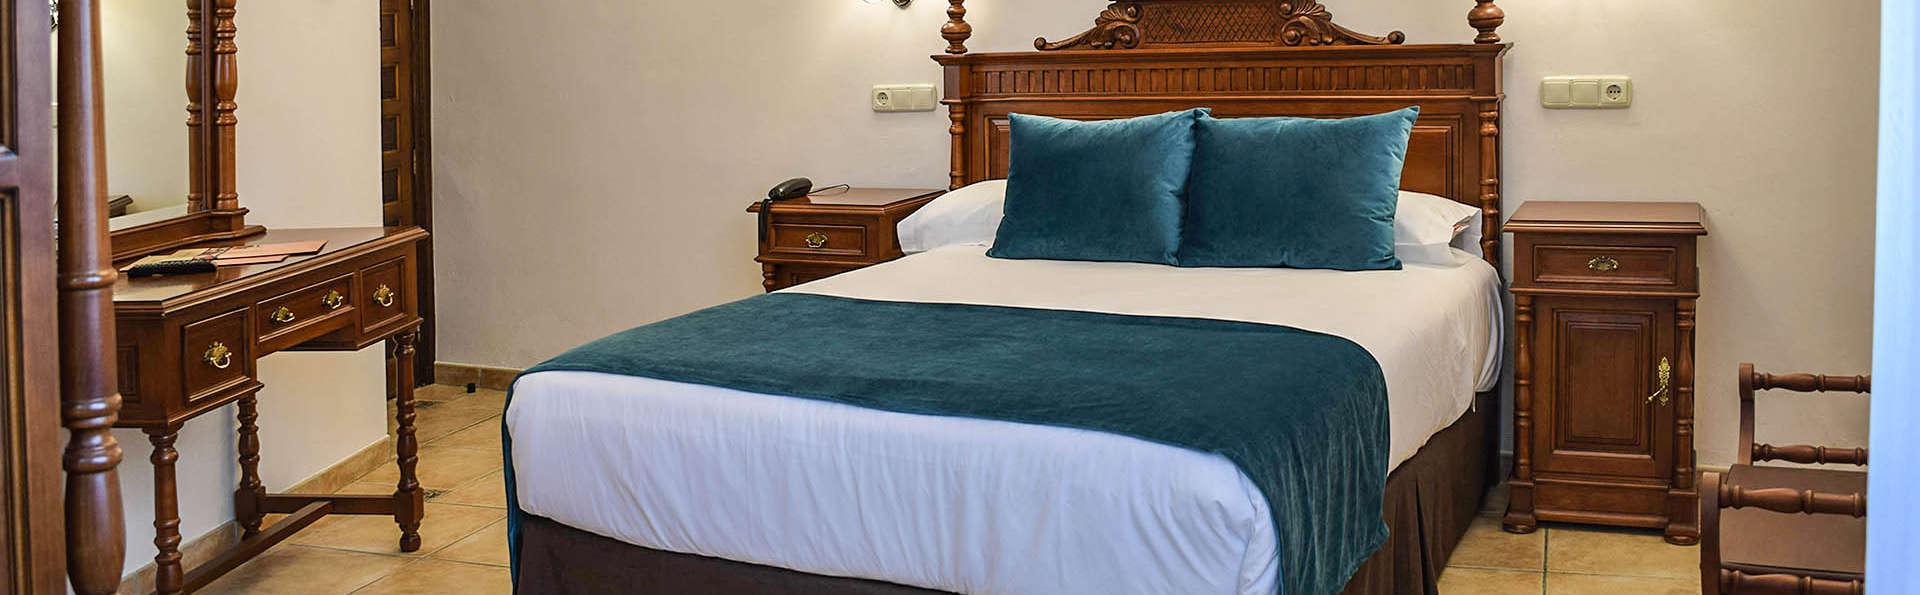 Hotel María de Molina - EDIT_ROOM_02.jpg